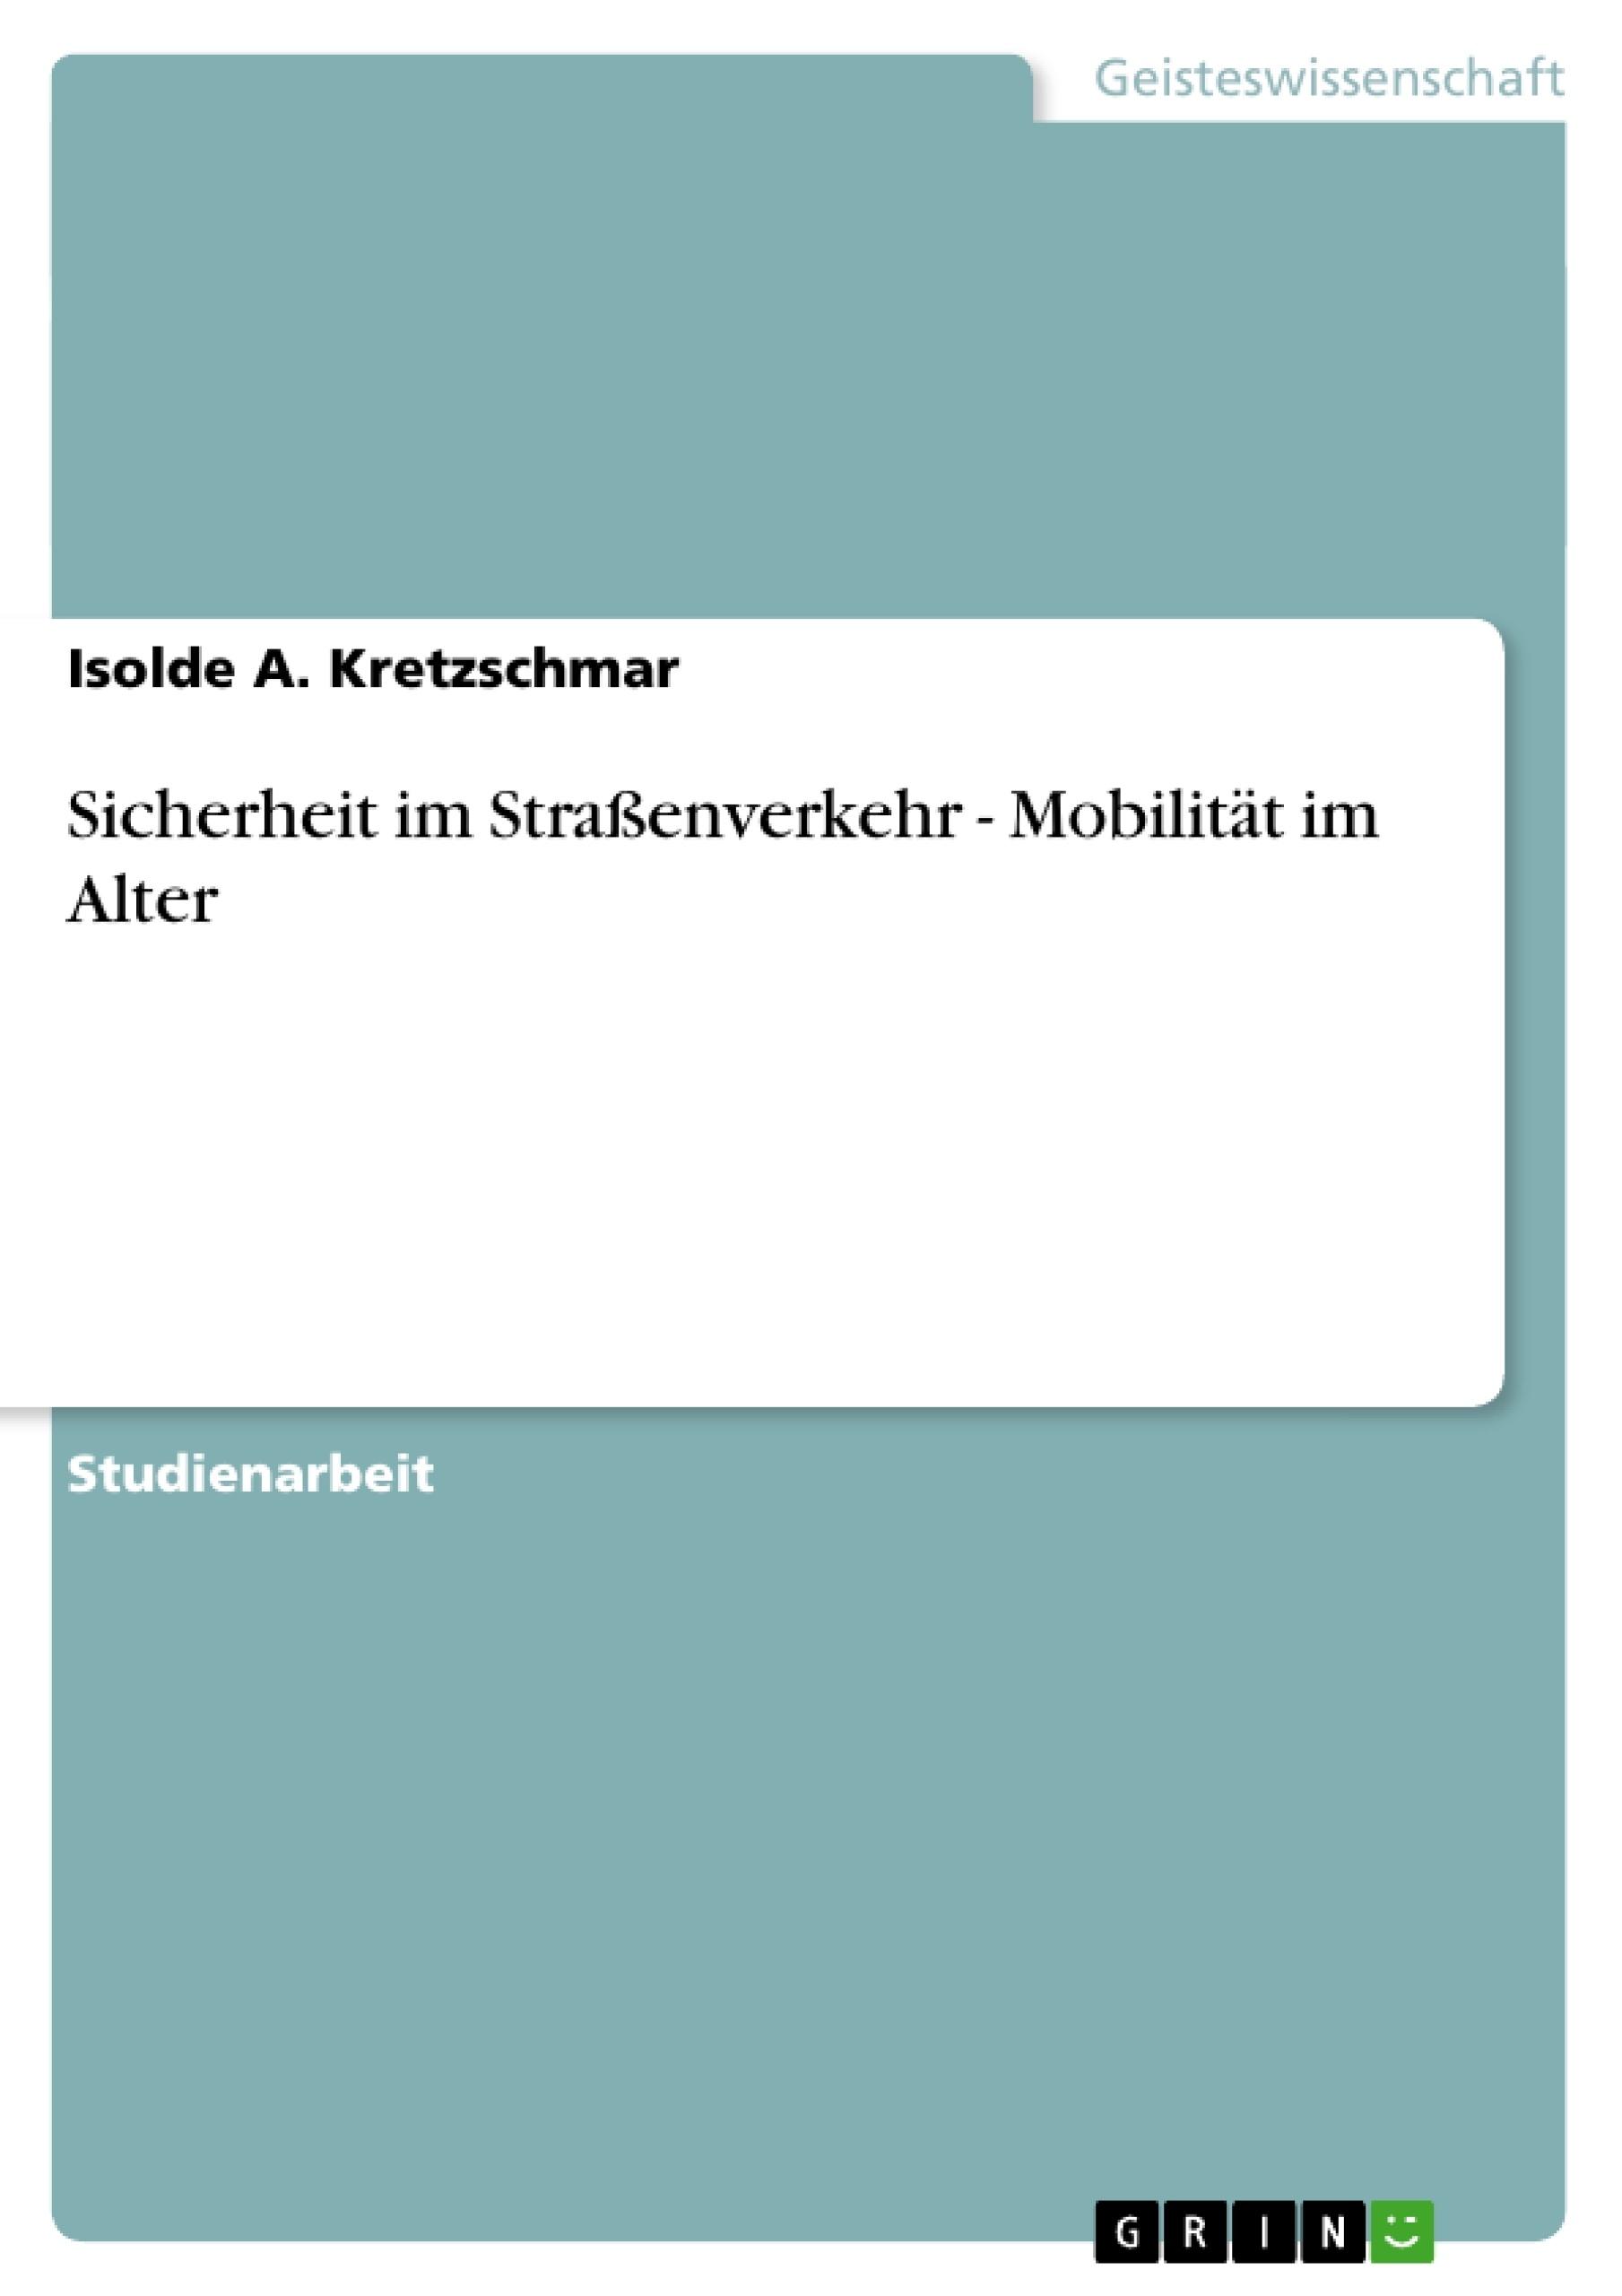 Titel: Sicherheit im Straßenverkehr - Mobilität im Alter